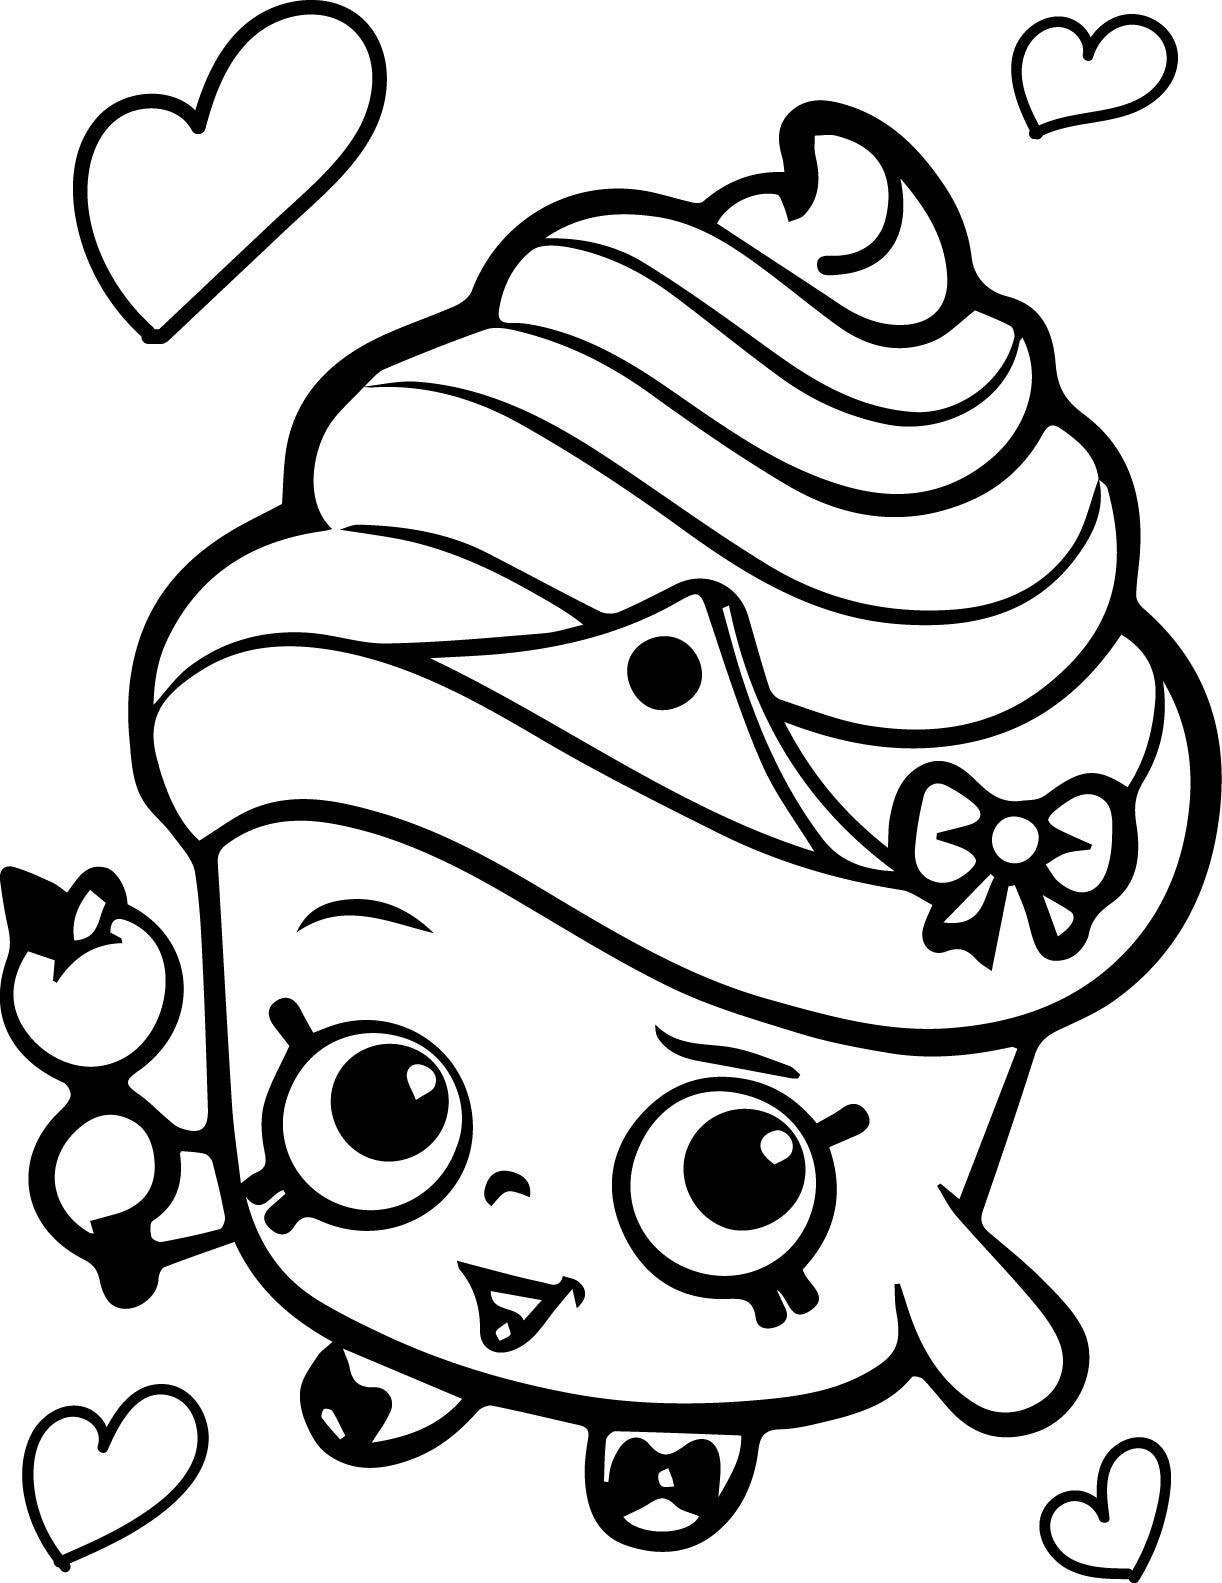 Cupcake Line Drawing At Getdrawings